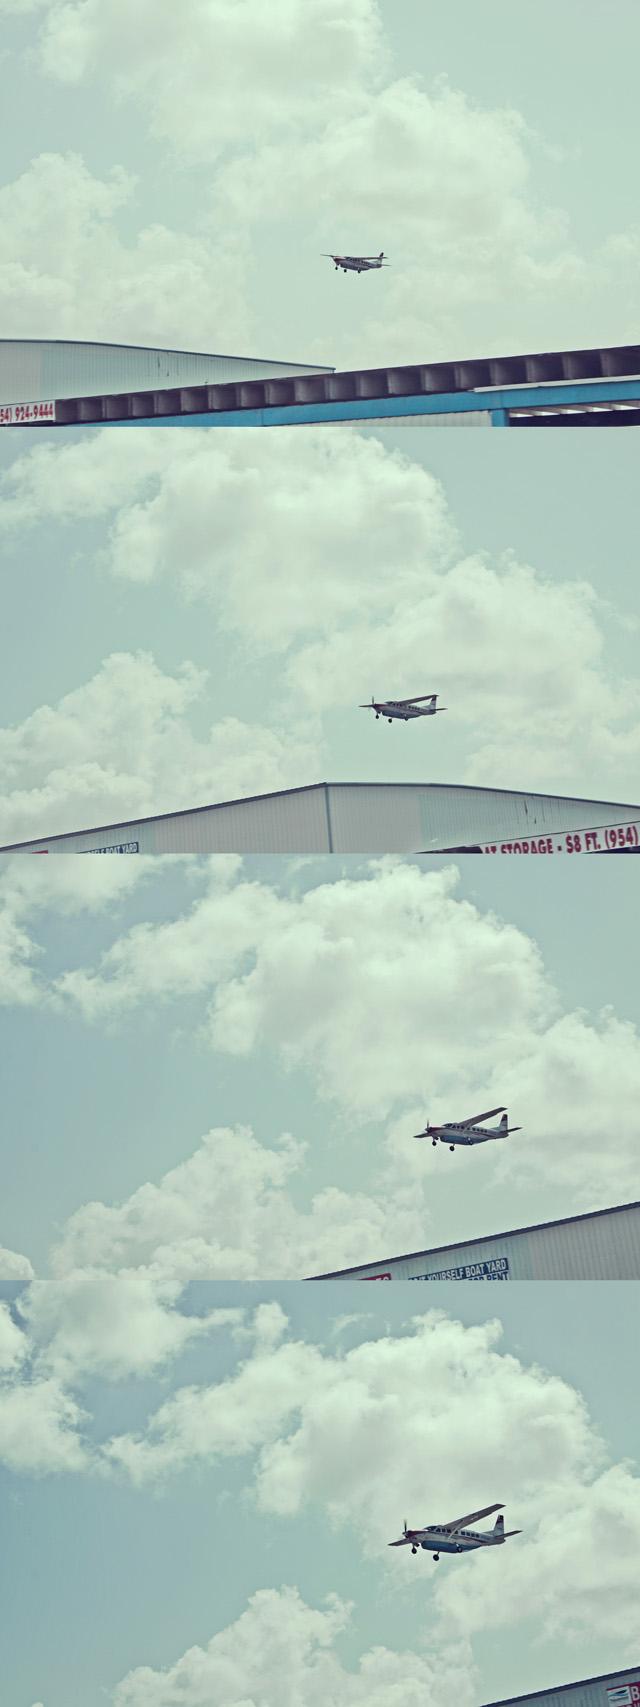 Fort Lauderdale airport landing